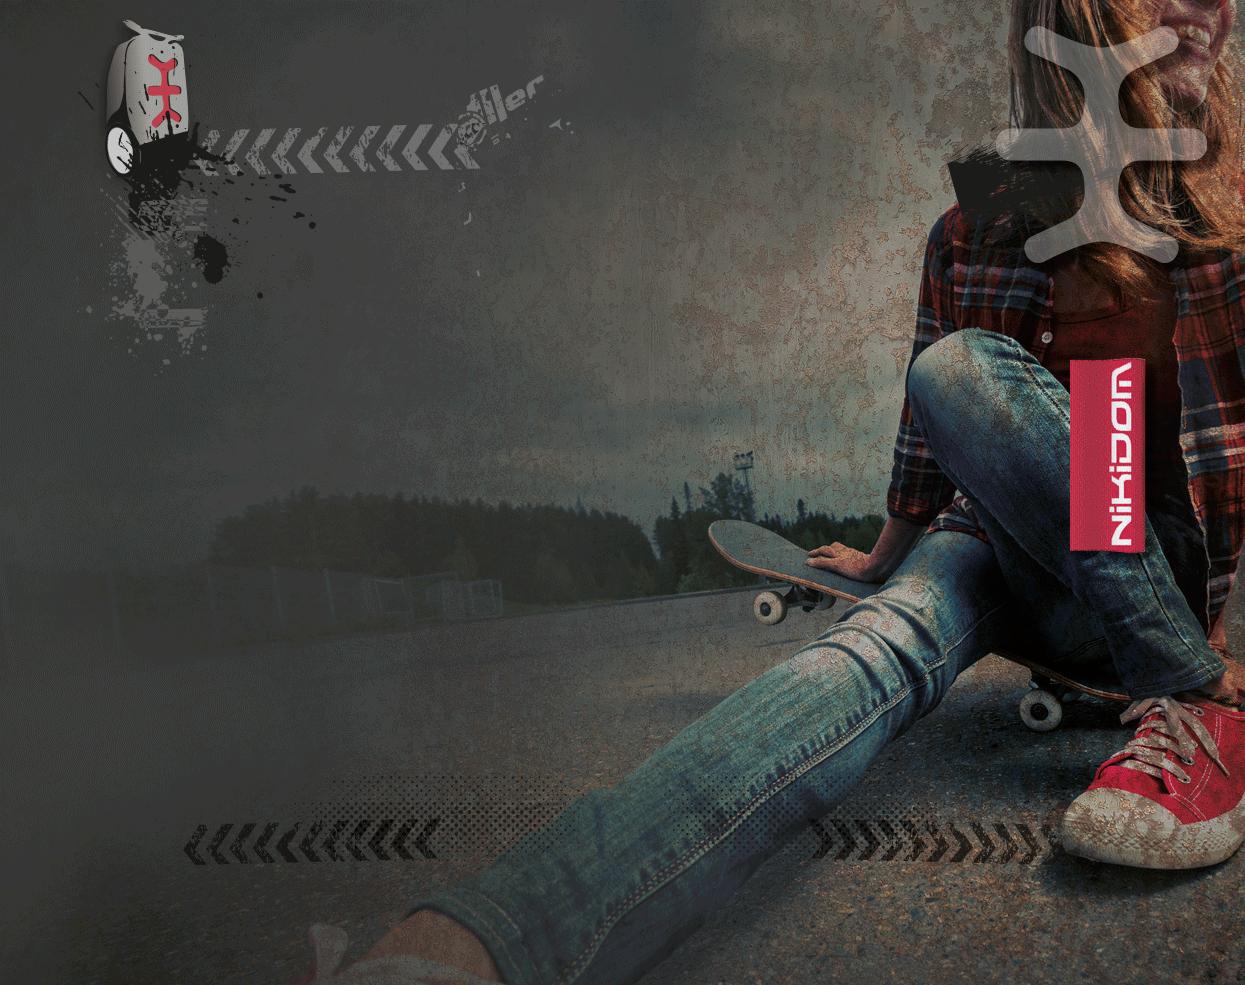 Рюкзак на колесиках Roller Nikidom White Fire XL арт. 9319 (27 литров), - фото 13